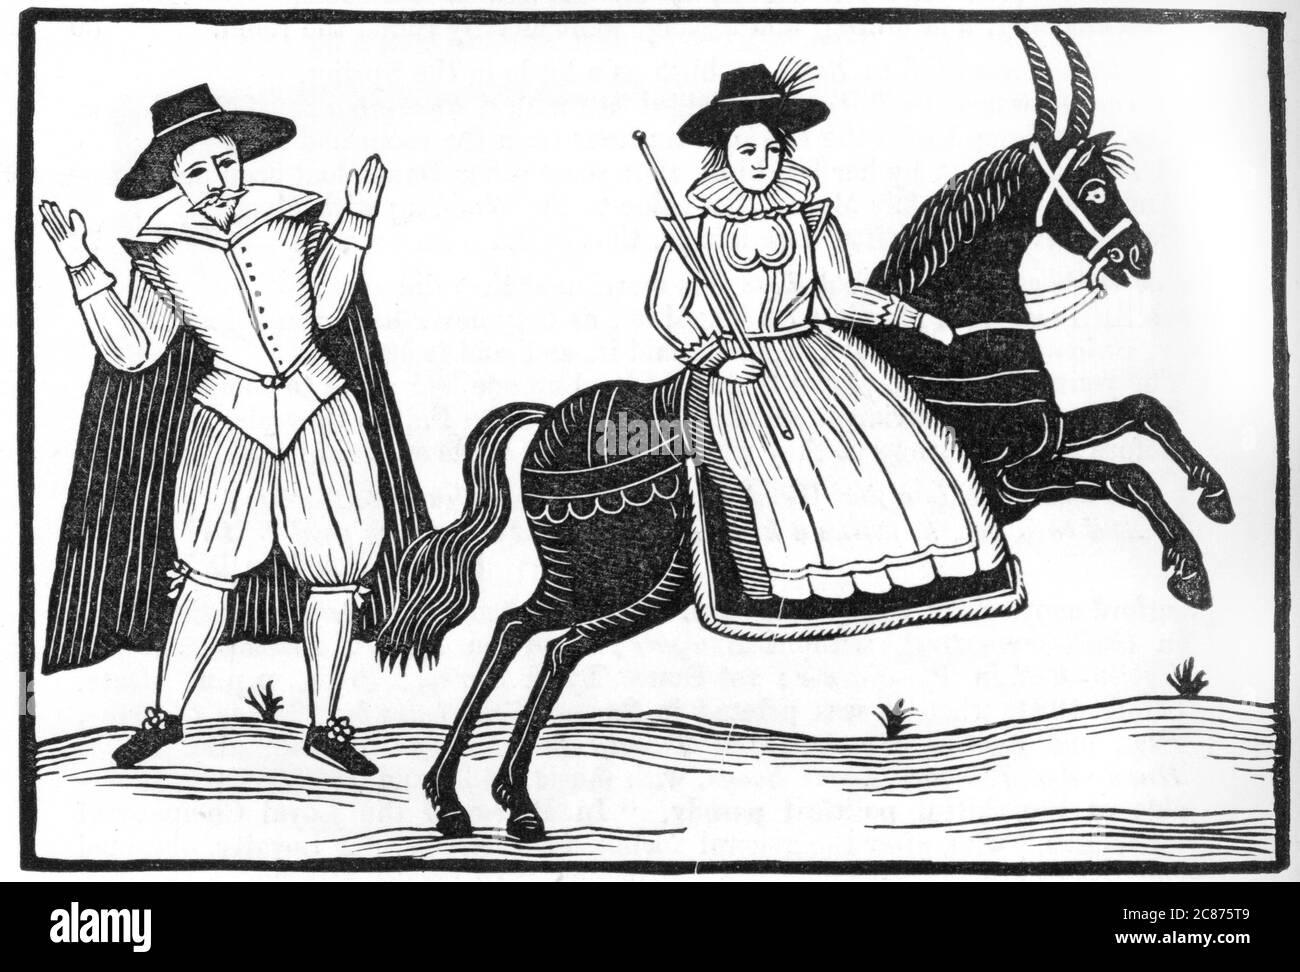 Una signora che cavalcava la sidesella fa sì che un Signore alzasse le mani - ma se alle sue abilità di guida, la sua bellezza o la sua sconsideratezza, chi sa? Data: Circa 1660 Foto Stock